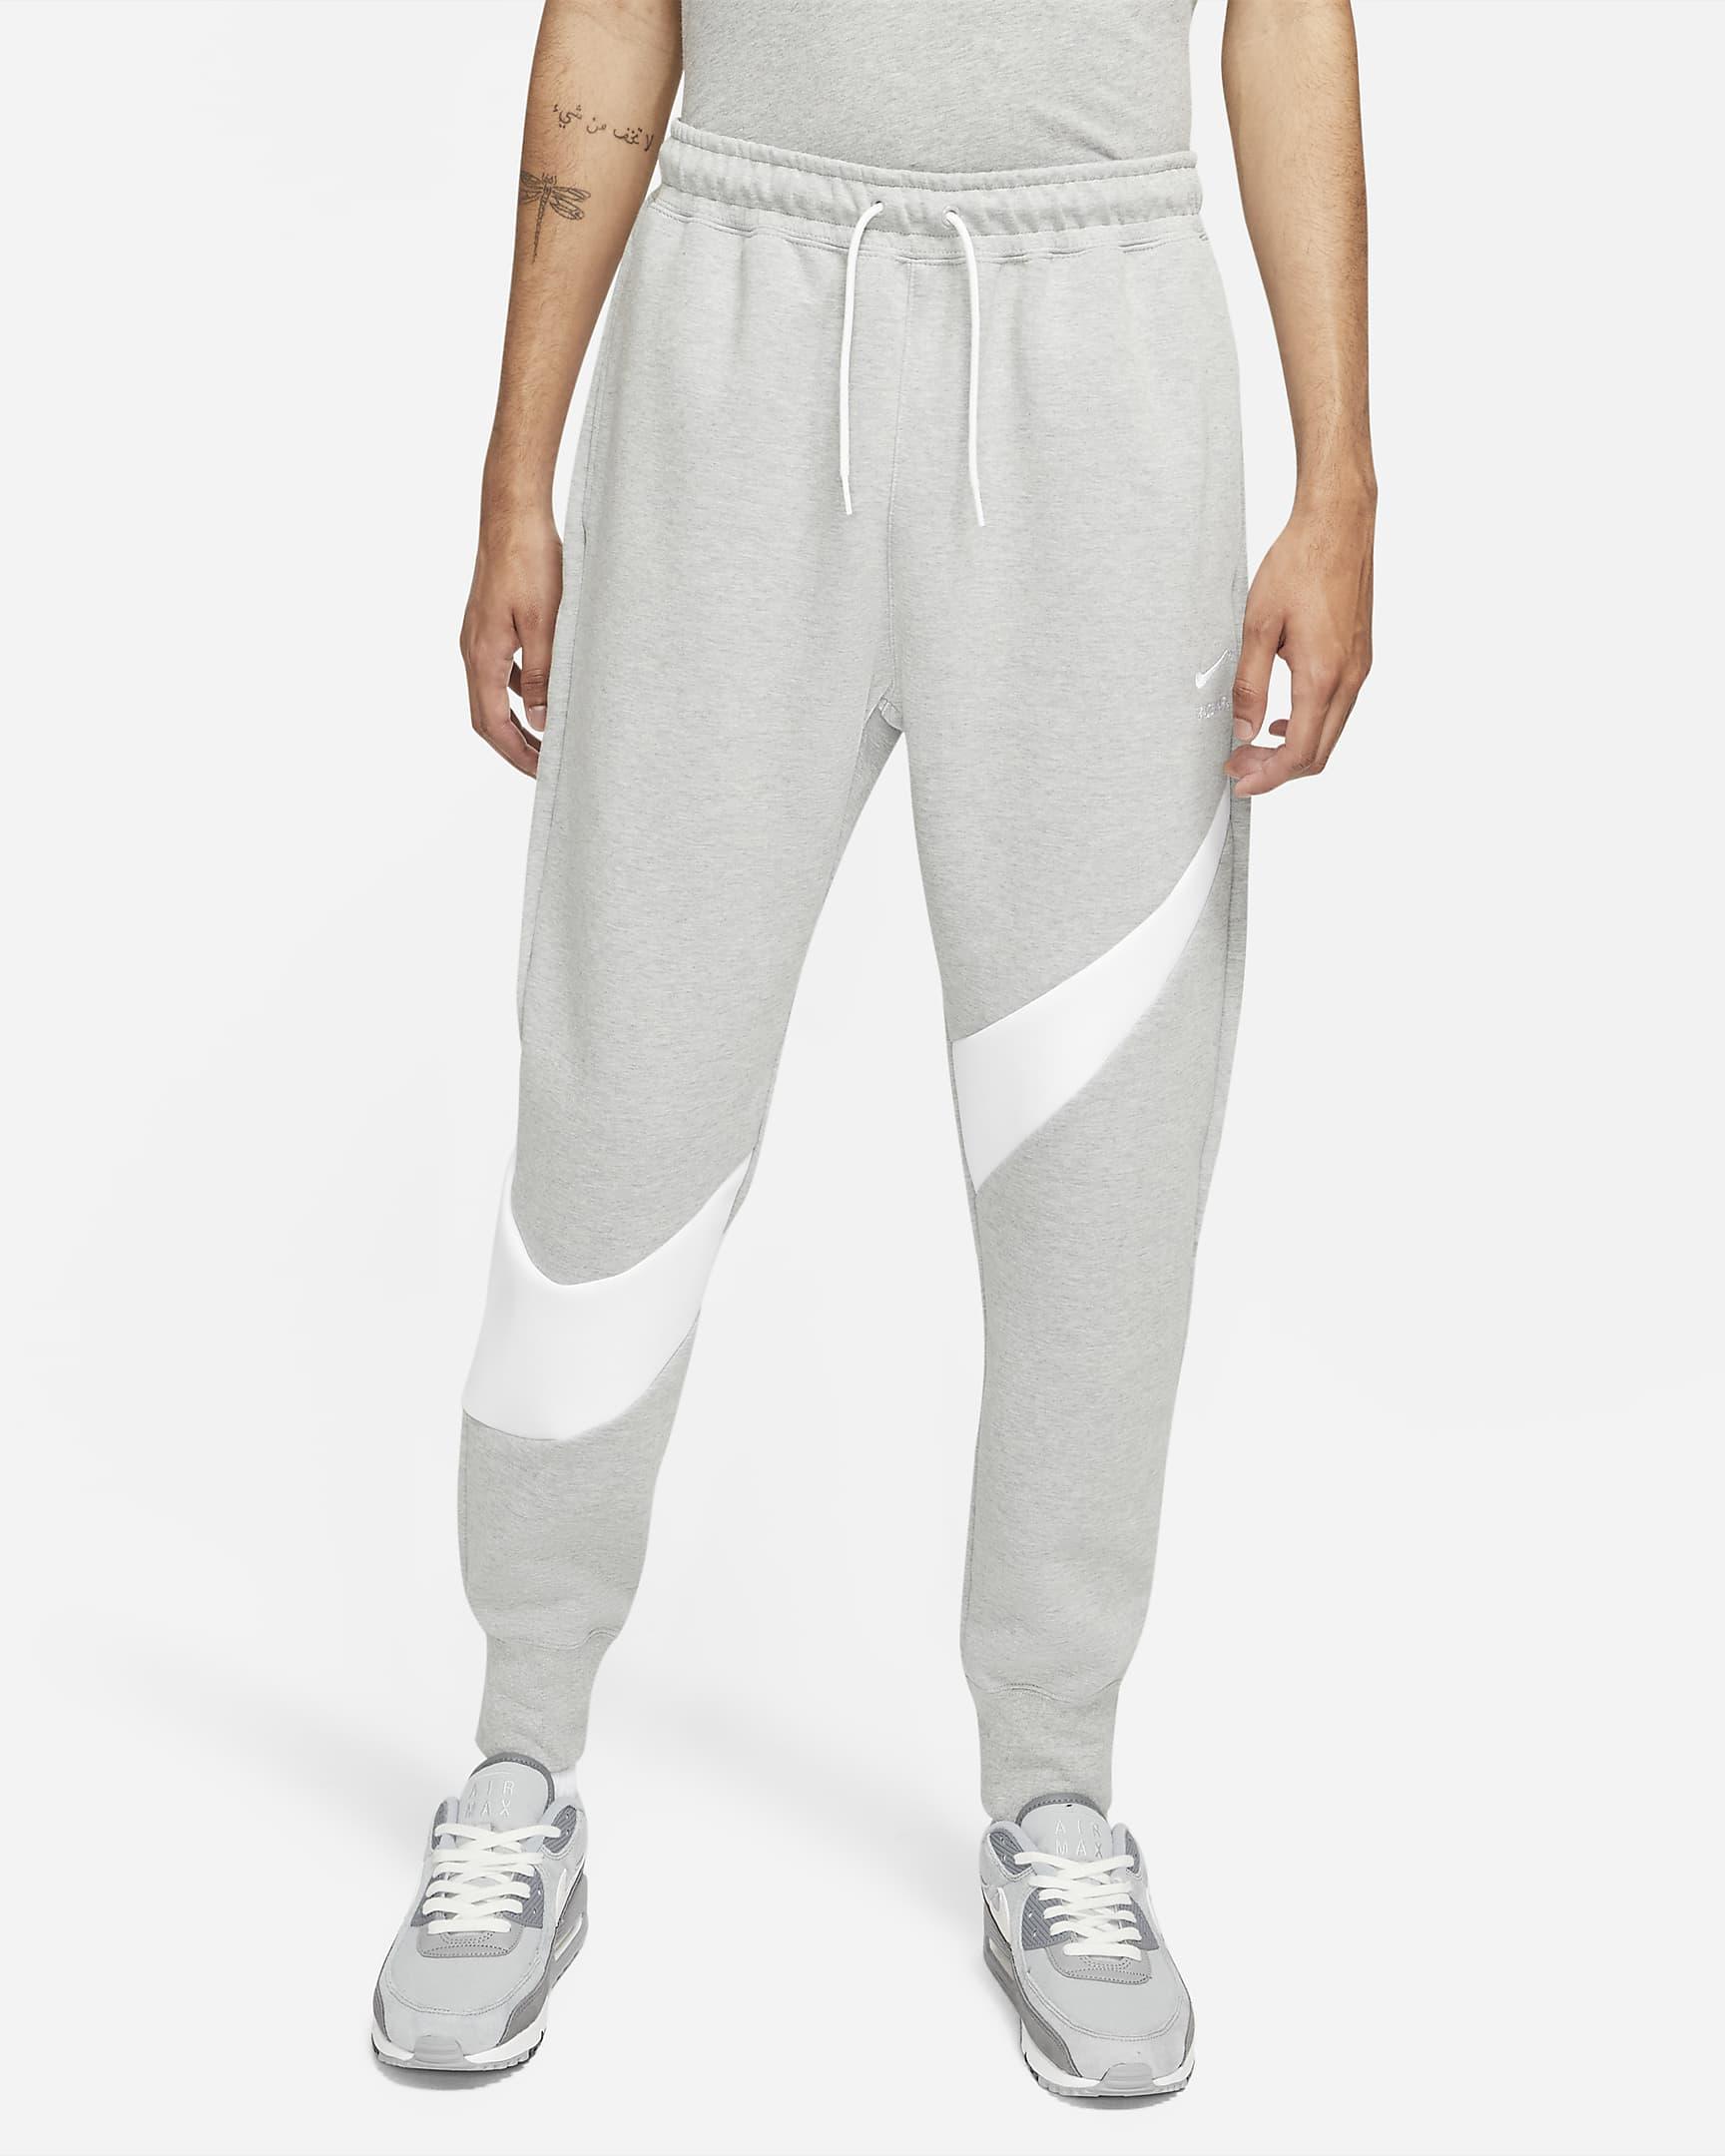 sportswear-swoosh-tech-fleece-mens-pants-4BpCFp.png